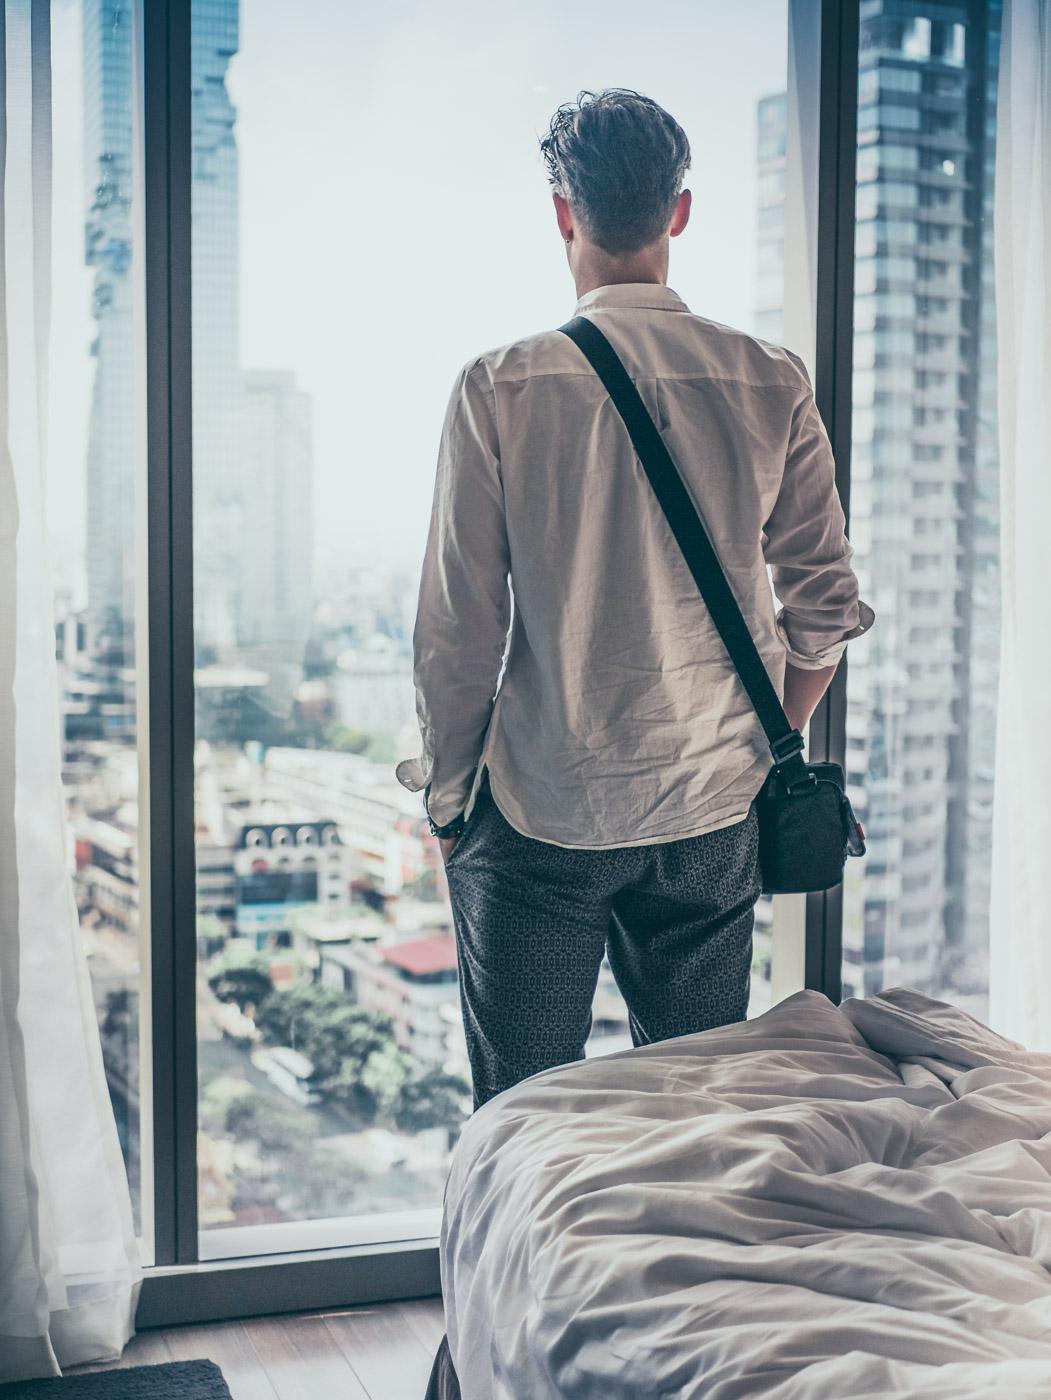 room Bangkok